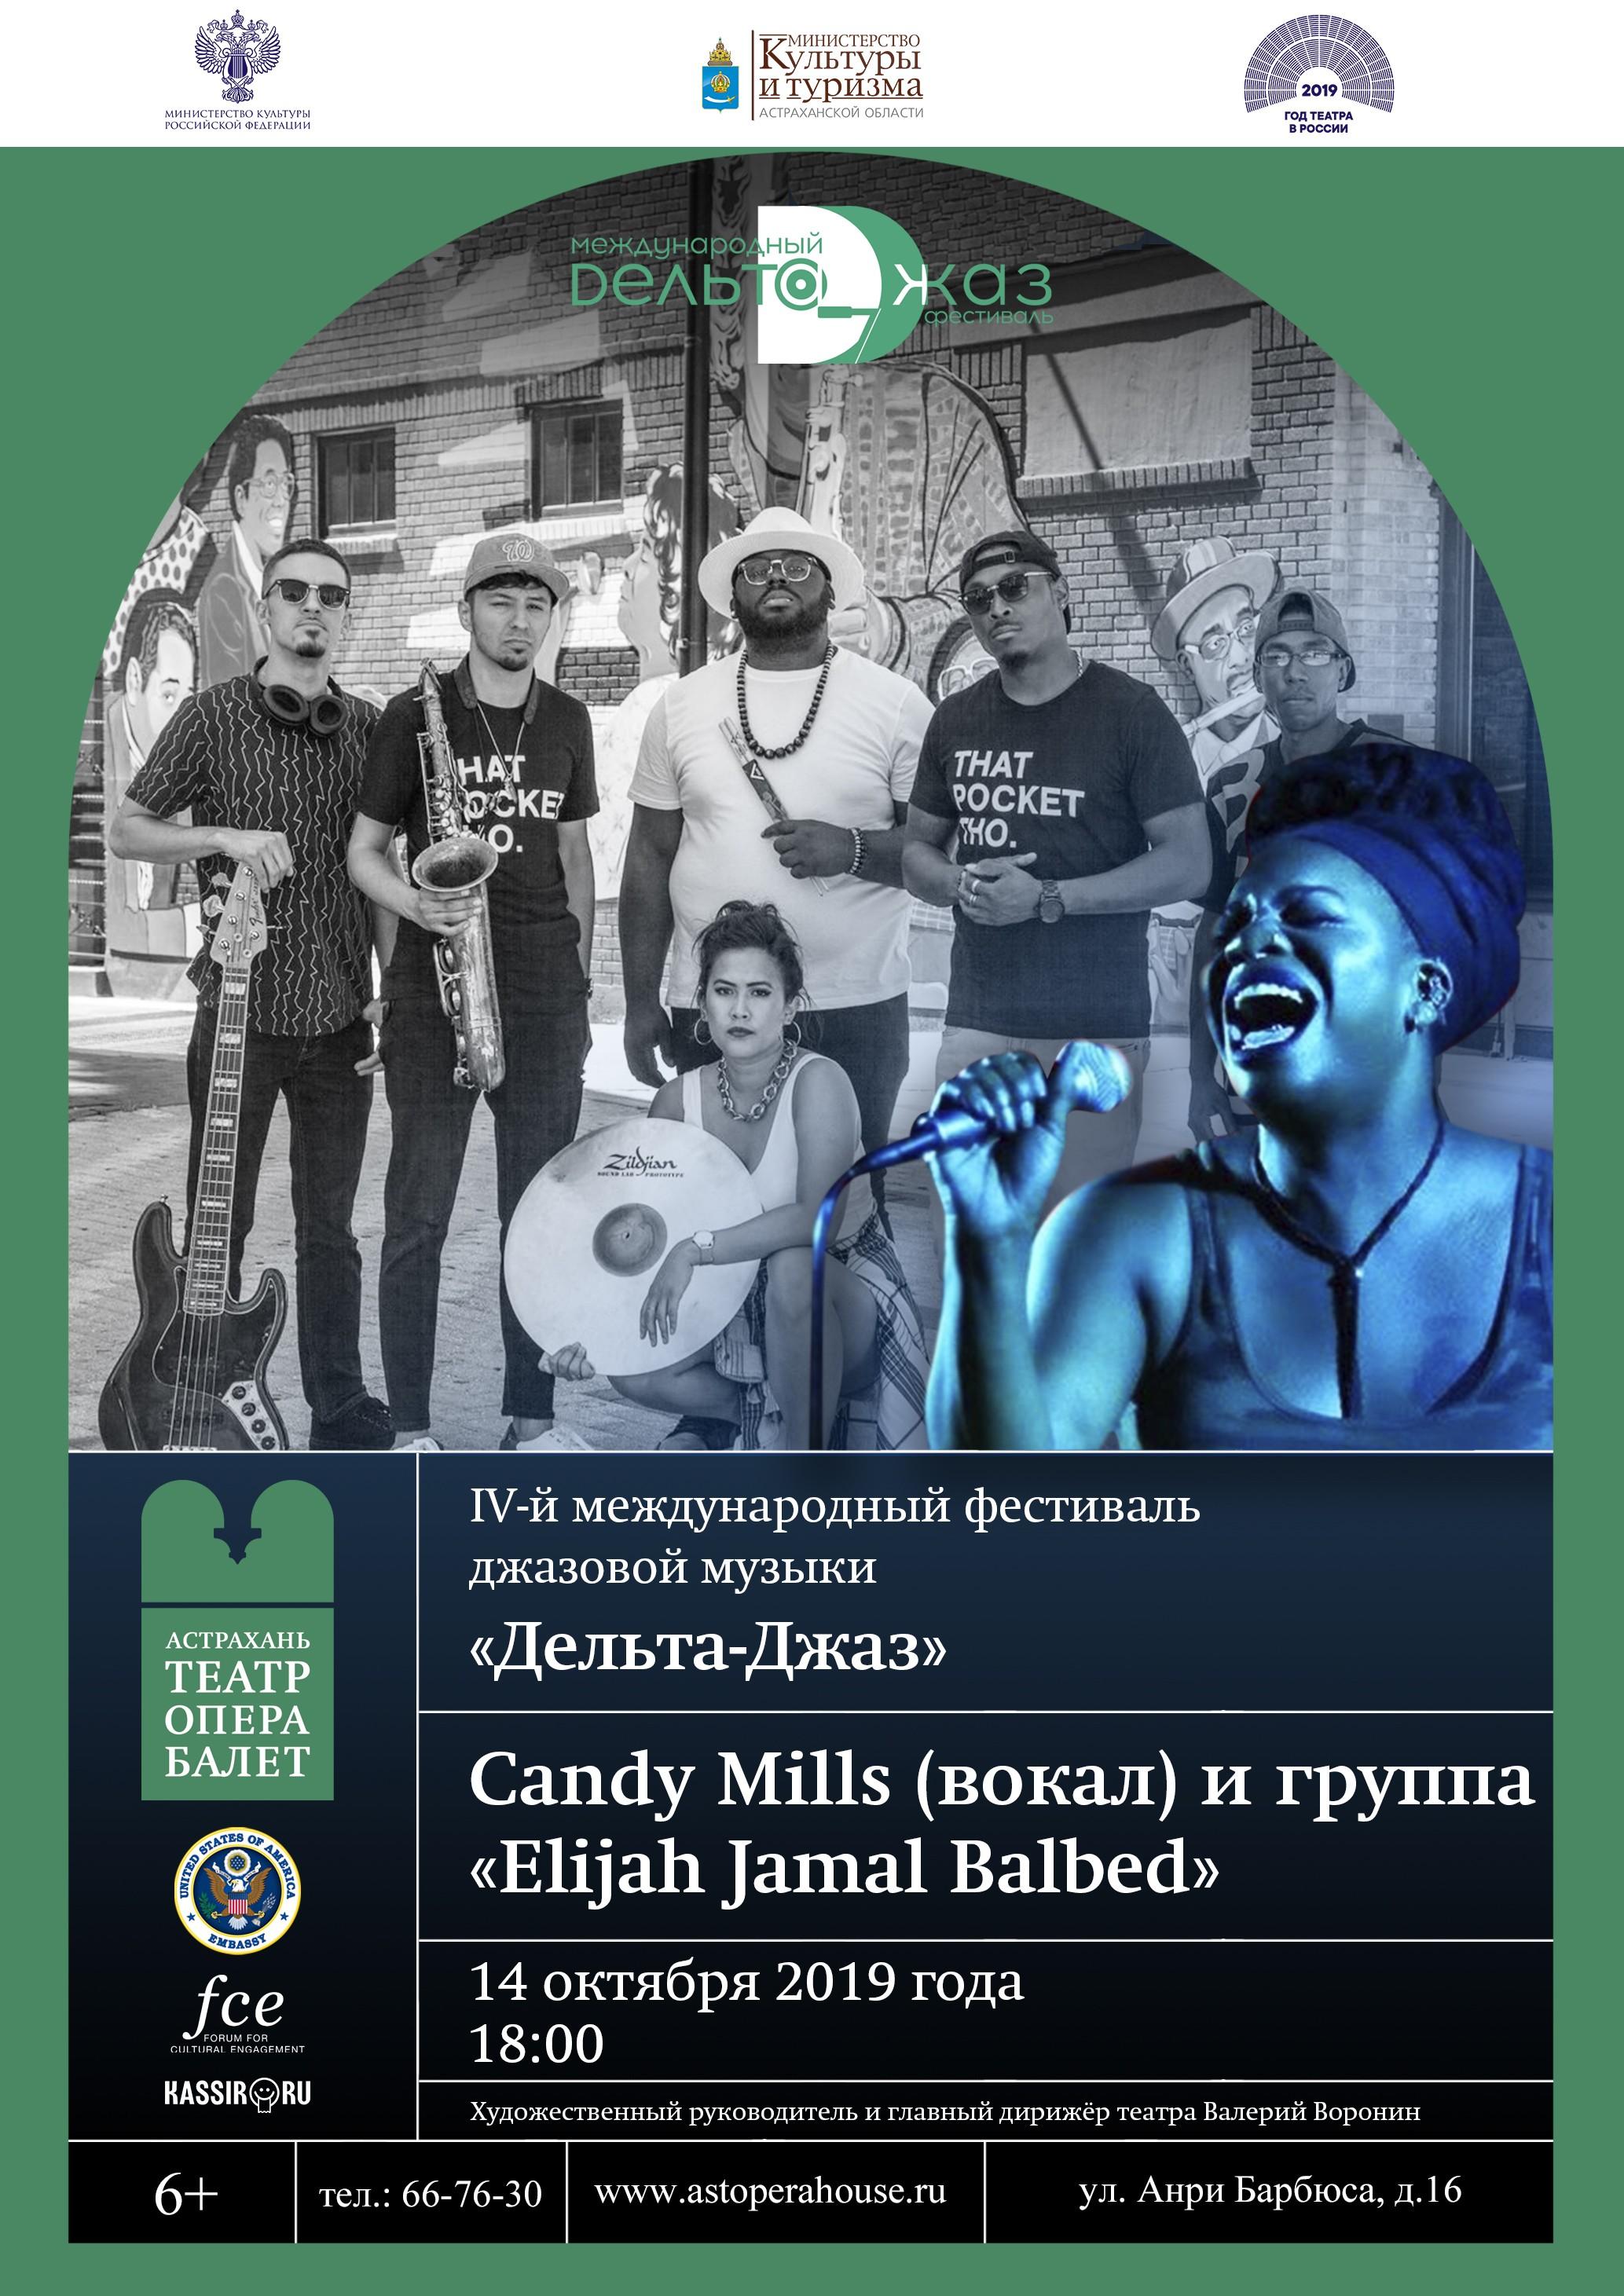 """Международный фестиваль """"Дельта Джаз"""" ELIJAH JAMAL BALBED BAND, СШA."""